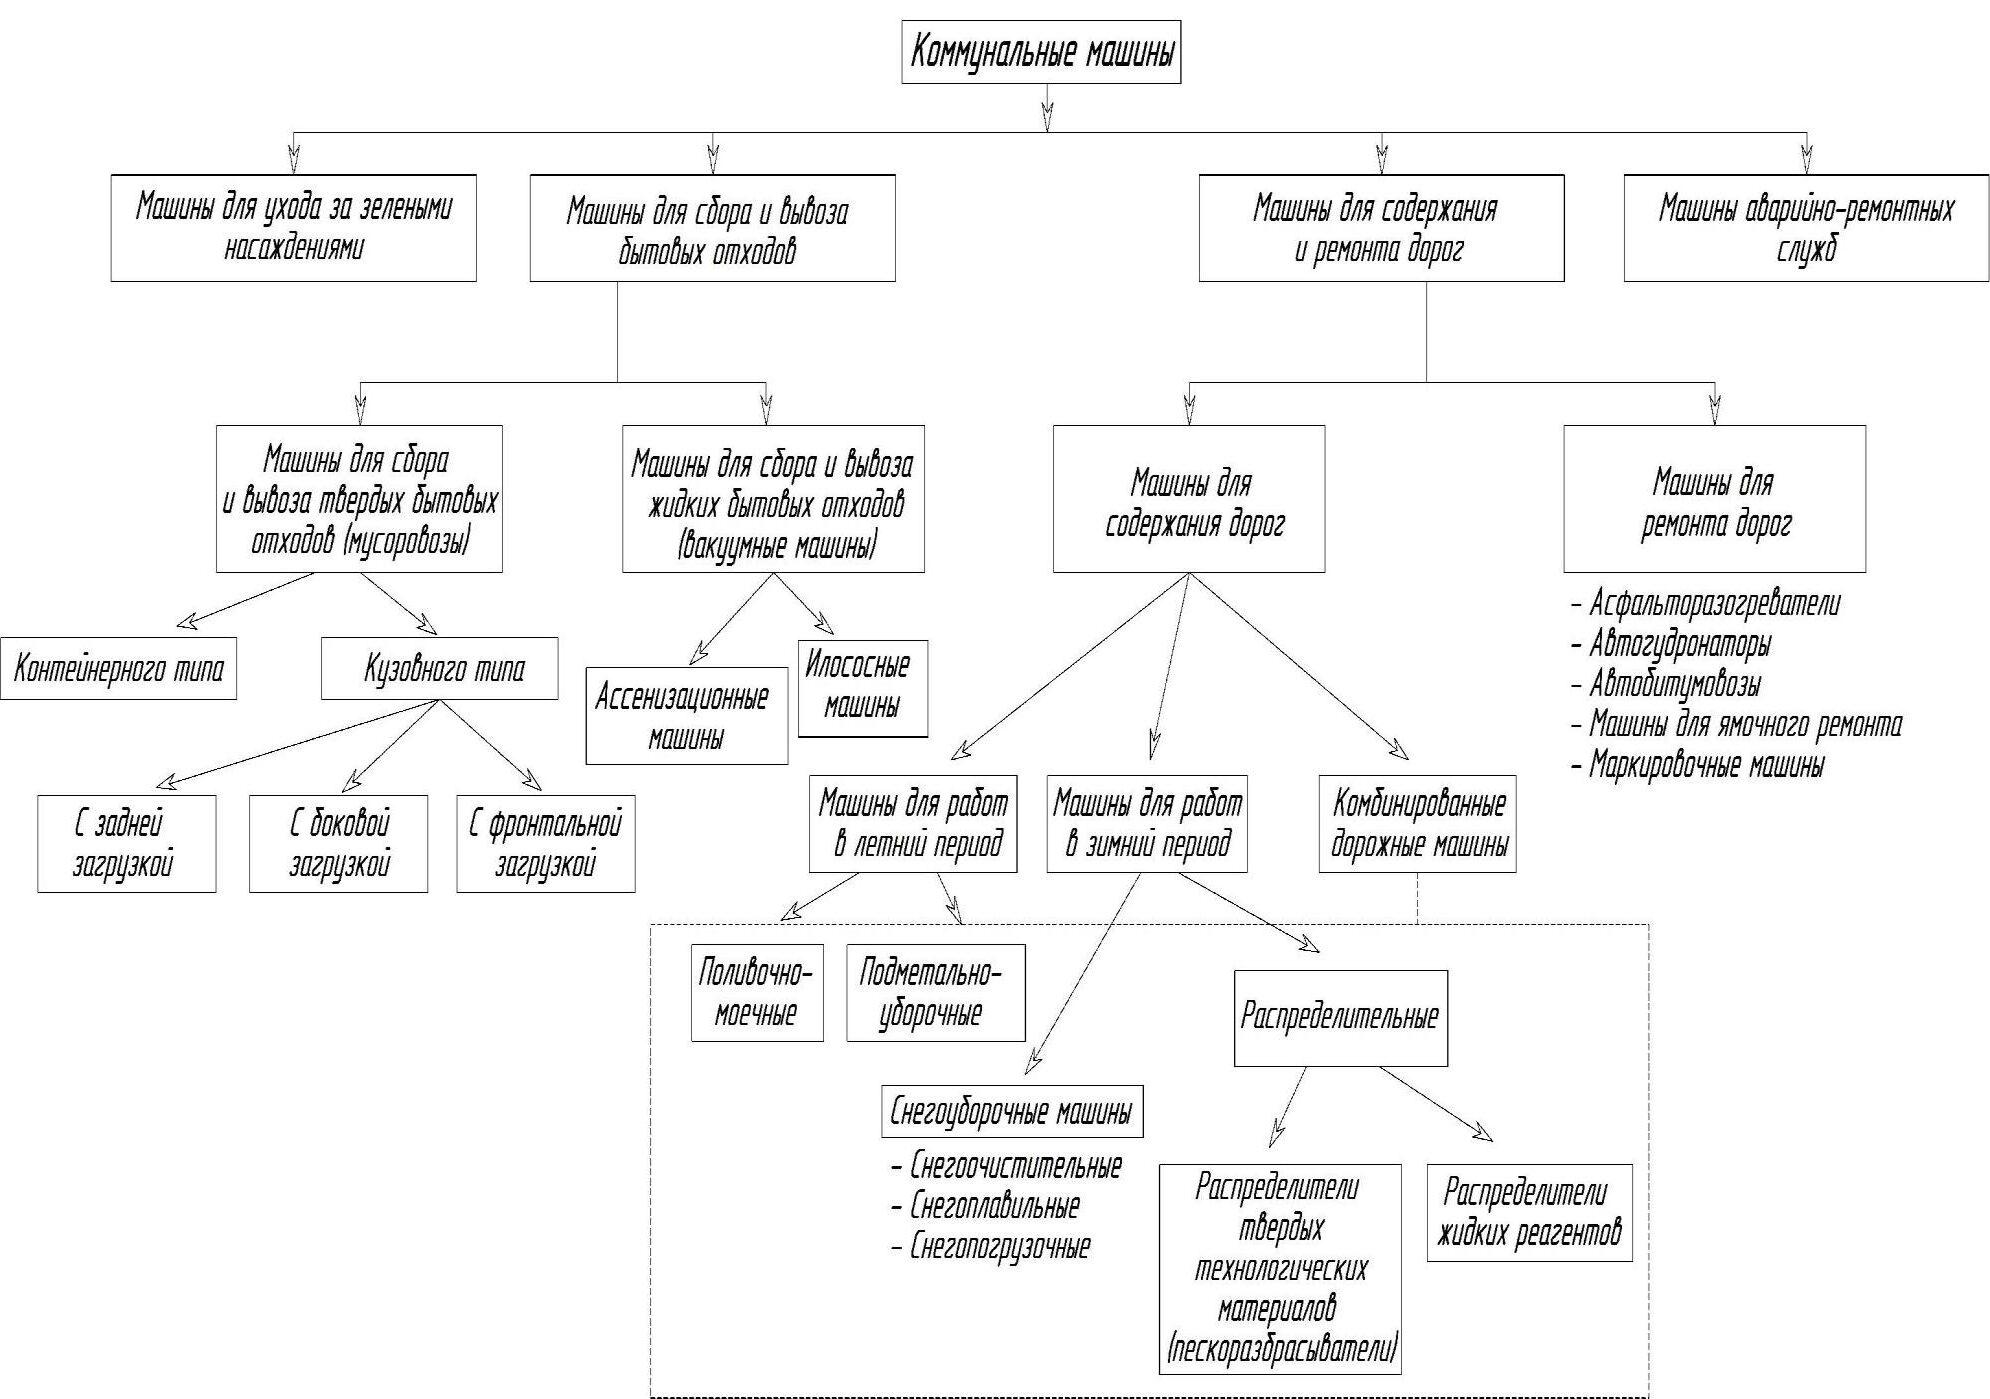 Классификация коммунальных машин